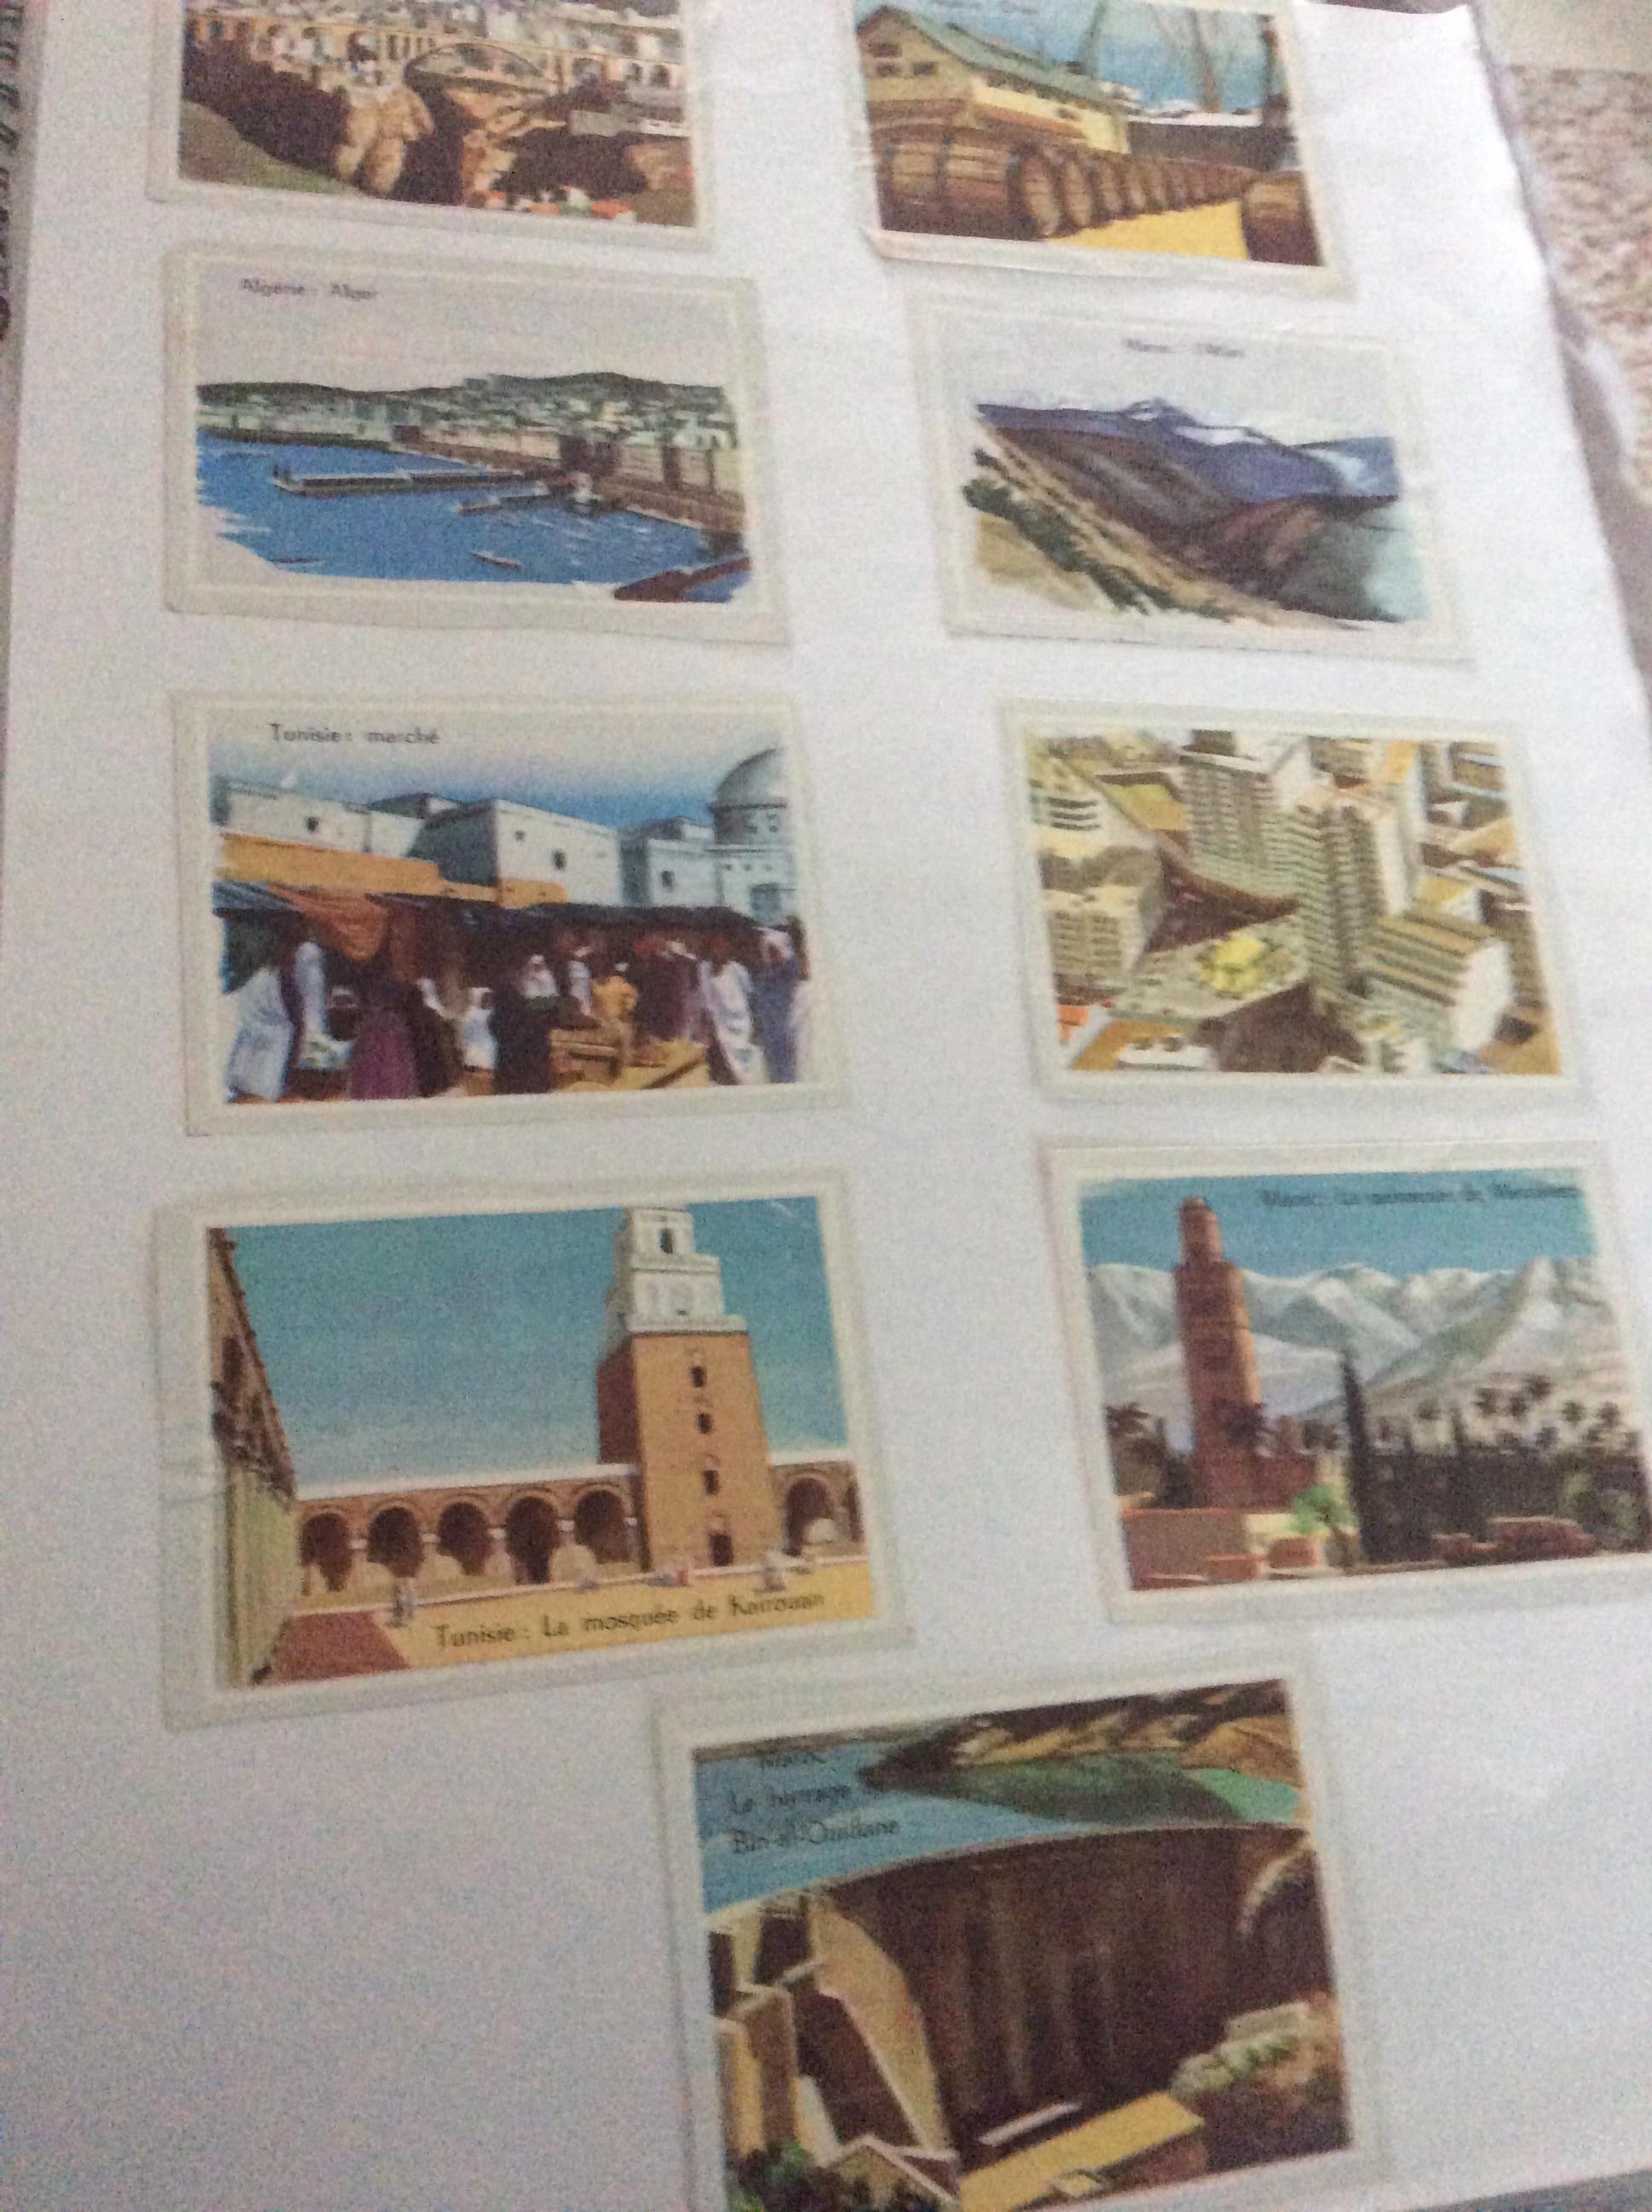 troc de troc image des années 70 collées avec autres trocs image 0